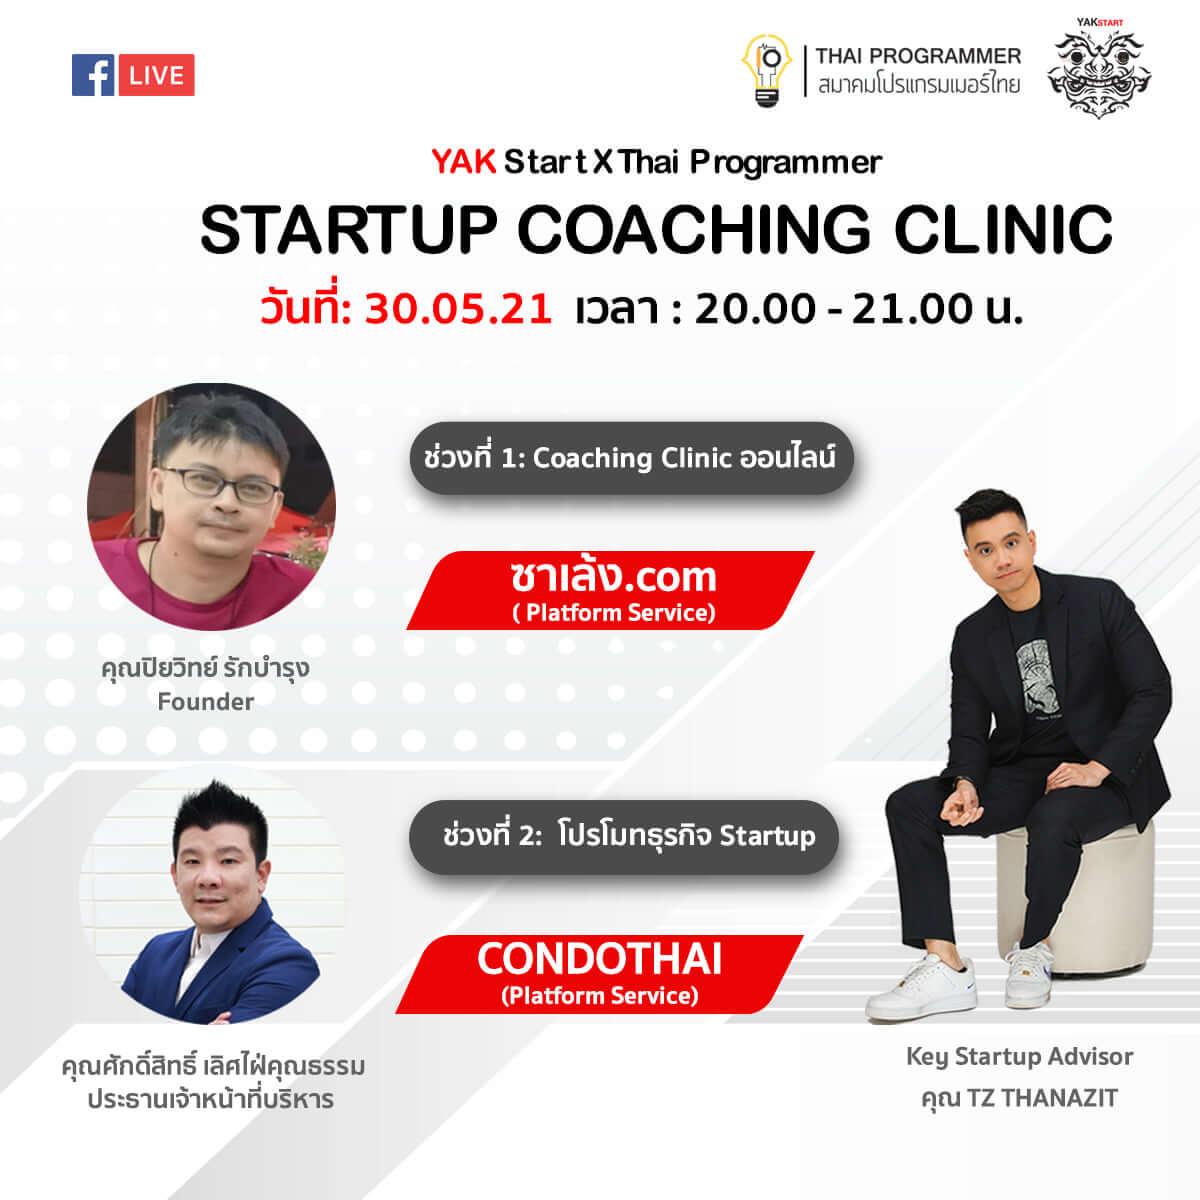 เตรียมพบกับ Startup Coaching Clinic ออนไลน์ จาก Yak Start X Thai Programmer ที่มาพร้อมกับสตาร์ทอัพที่น่าสนใจและมาแรงในเวลานี้